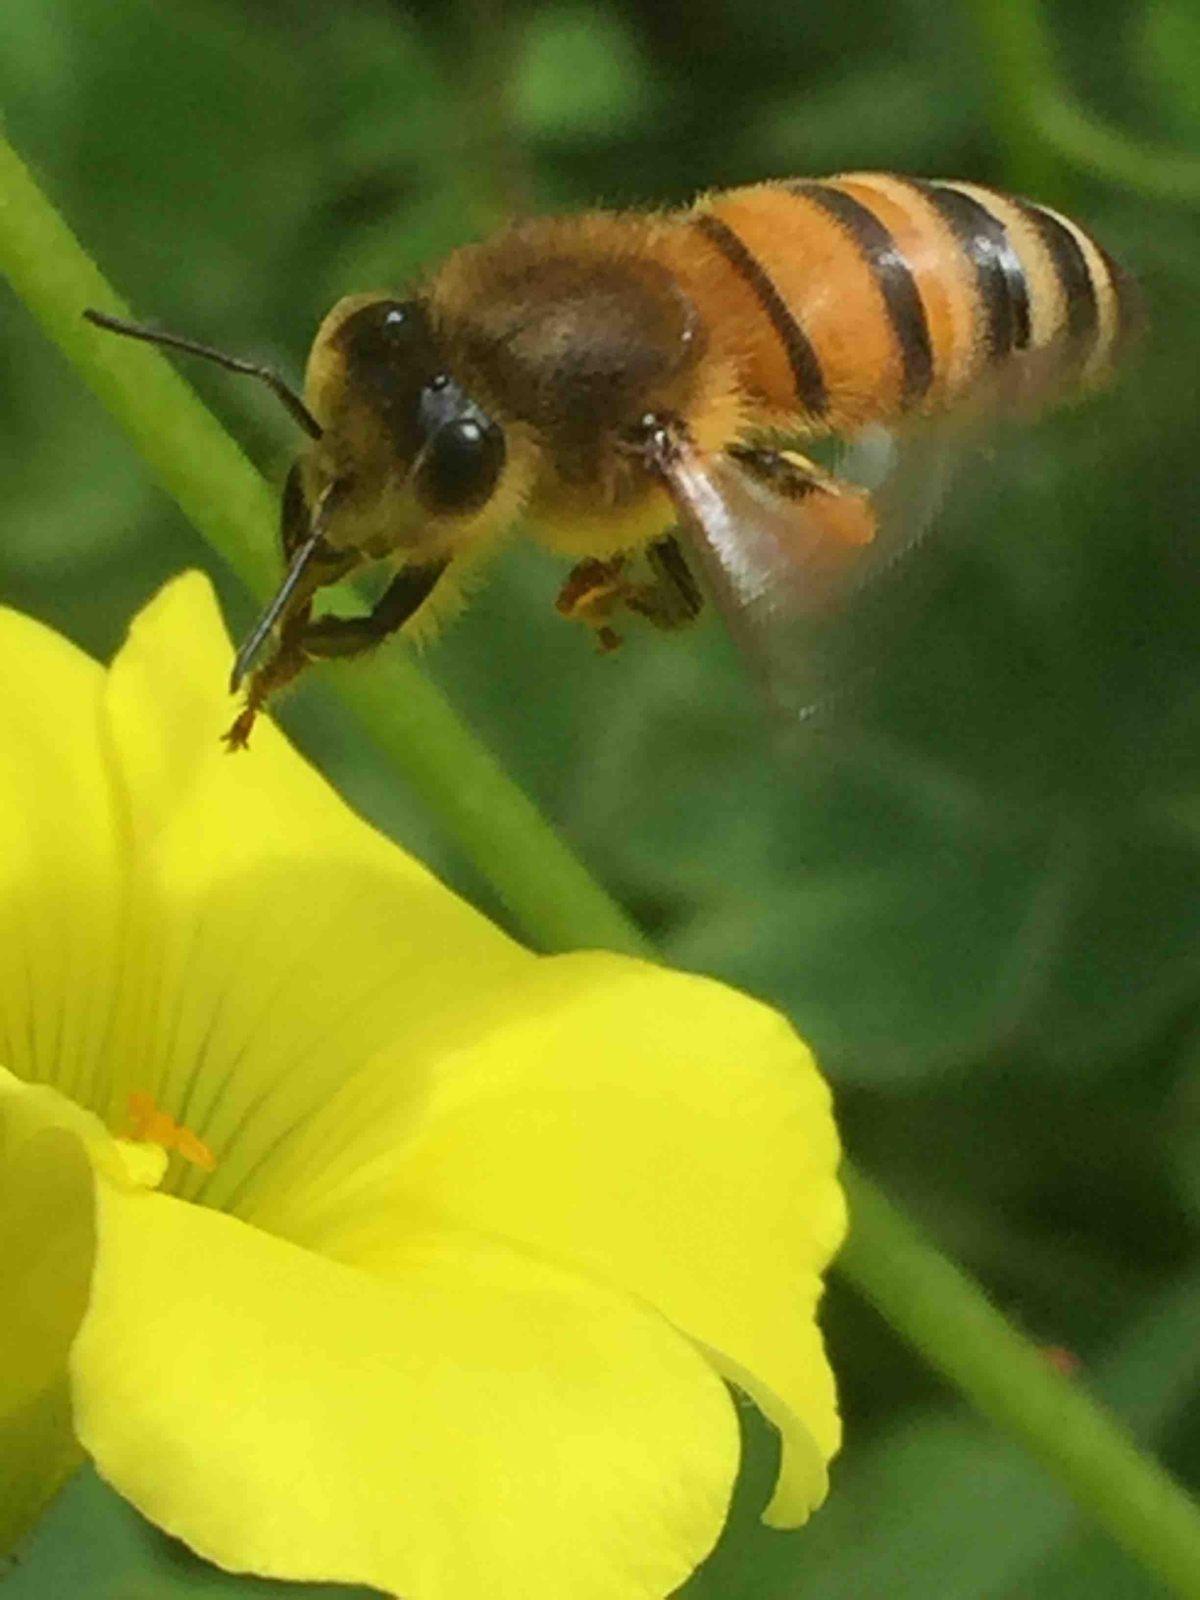 Bees - worker bee